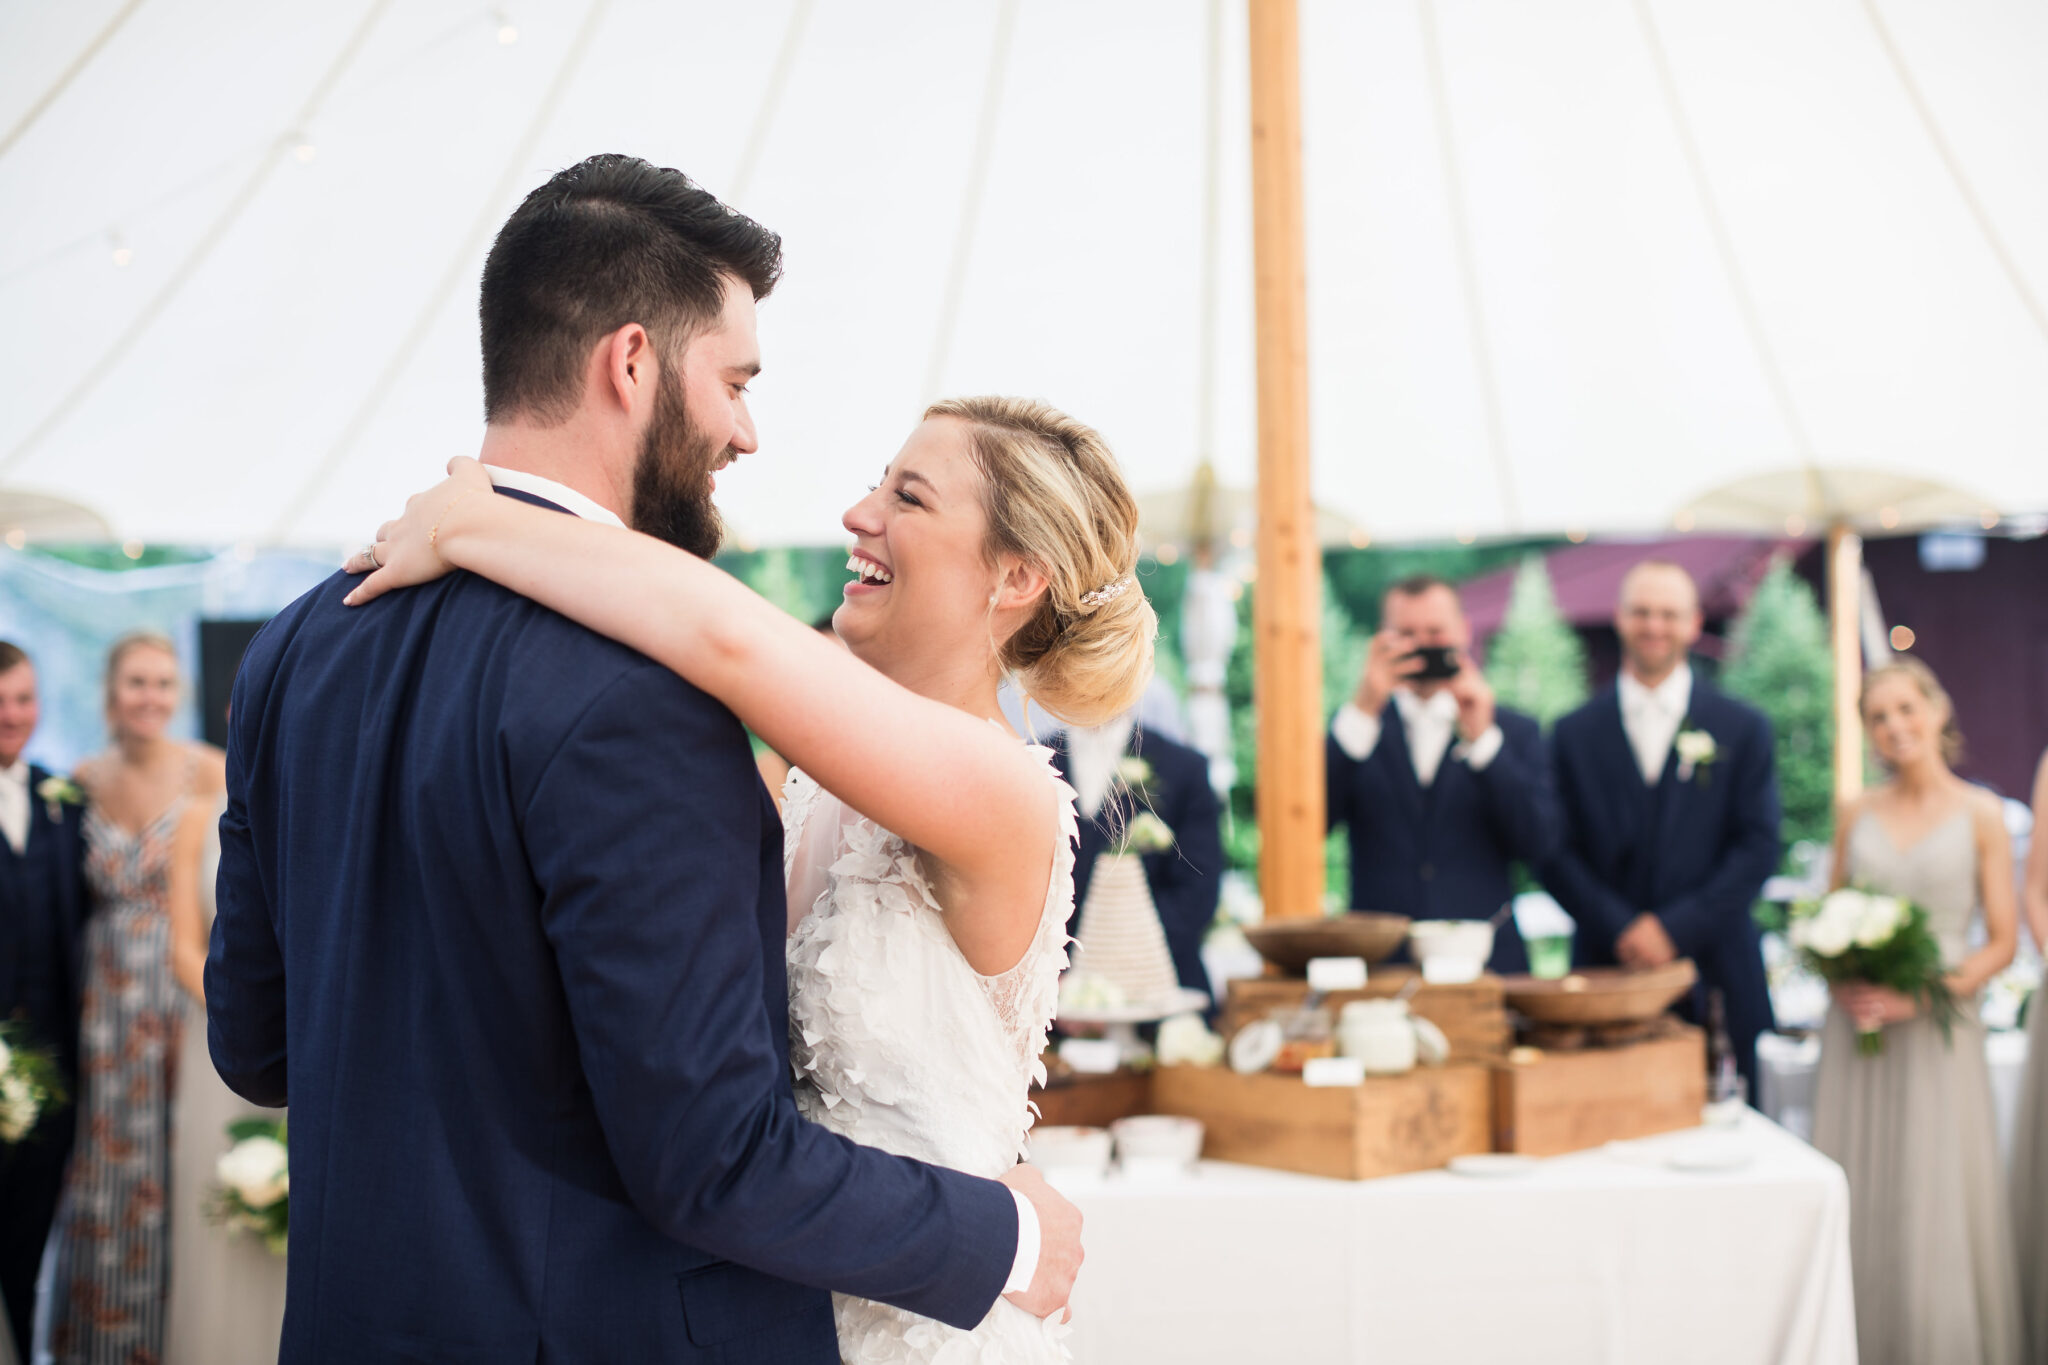 katie-alex-wedding-reception-161